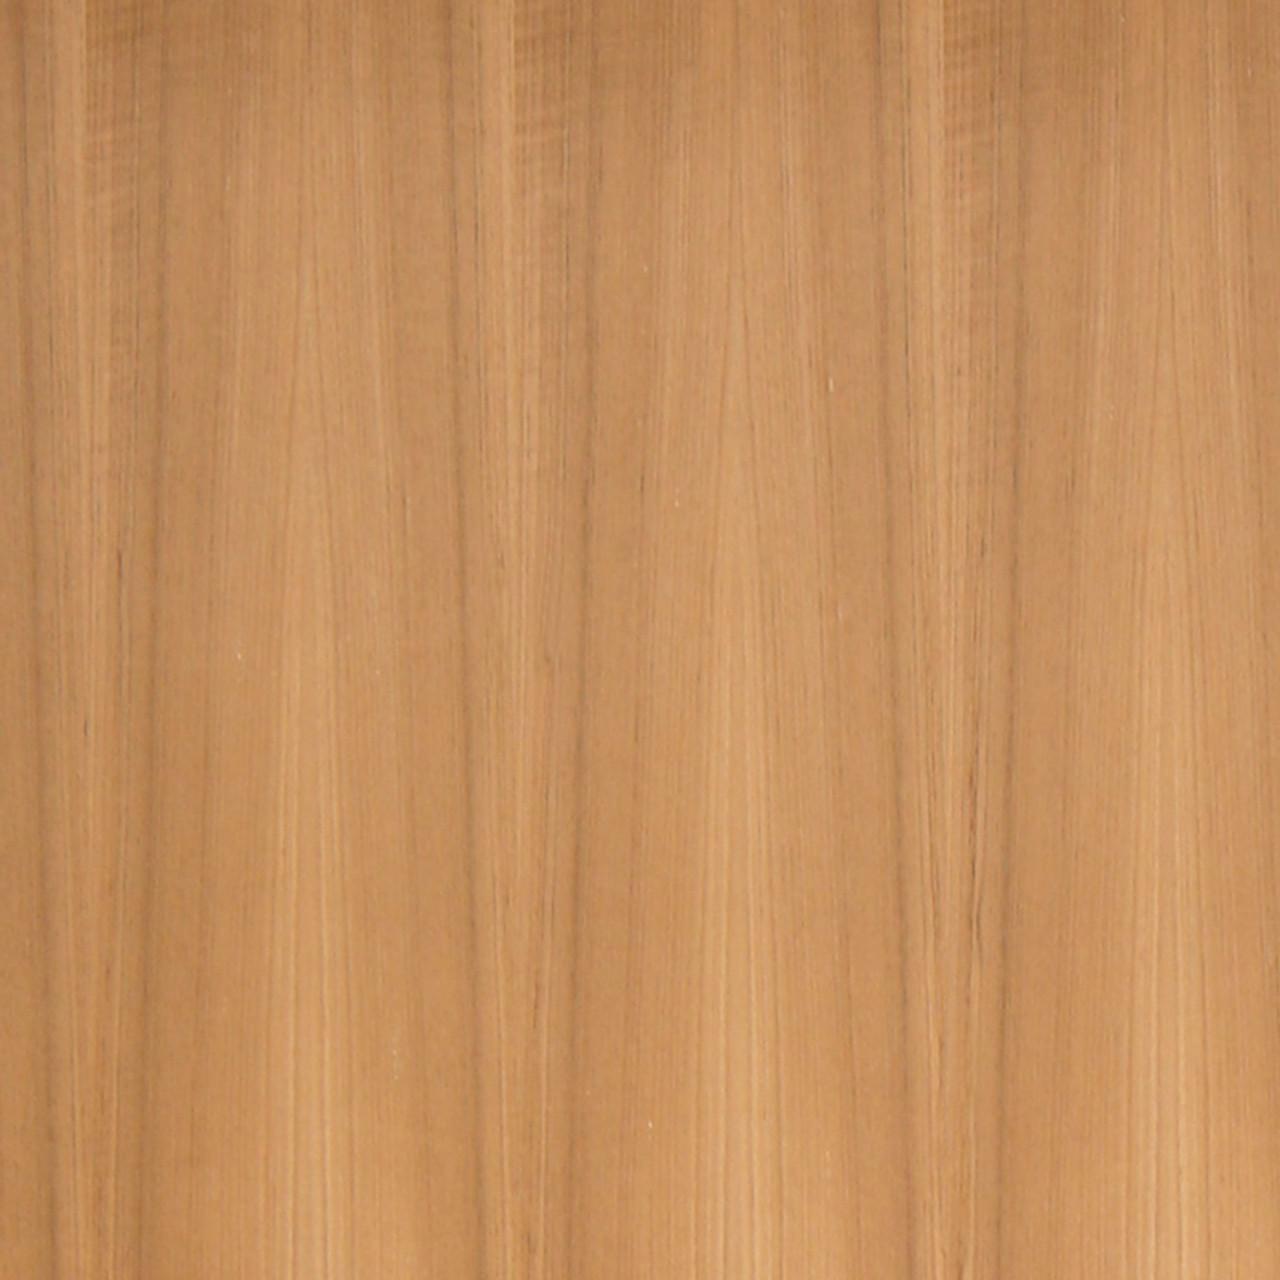 Teak Veneer Golden Quartered Exotic Marine Teak Wood Veneers Sheets Oakwood Veneer Company